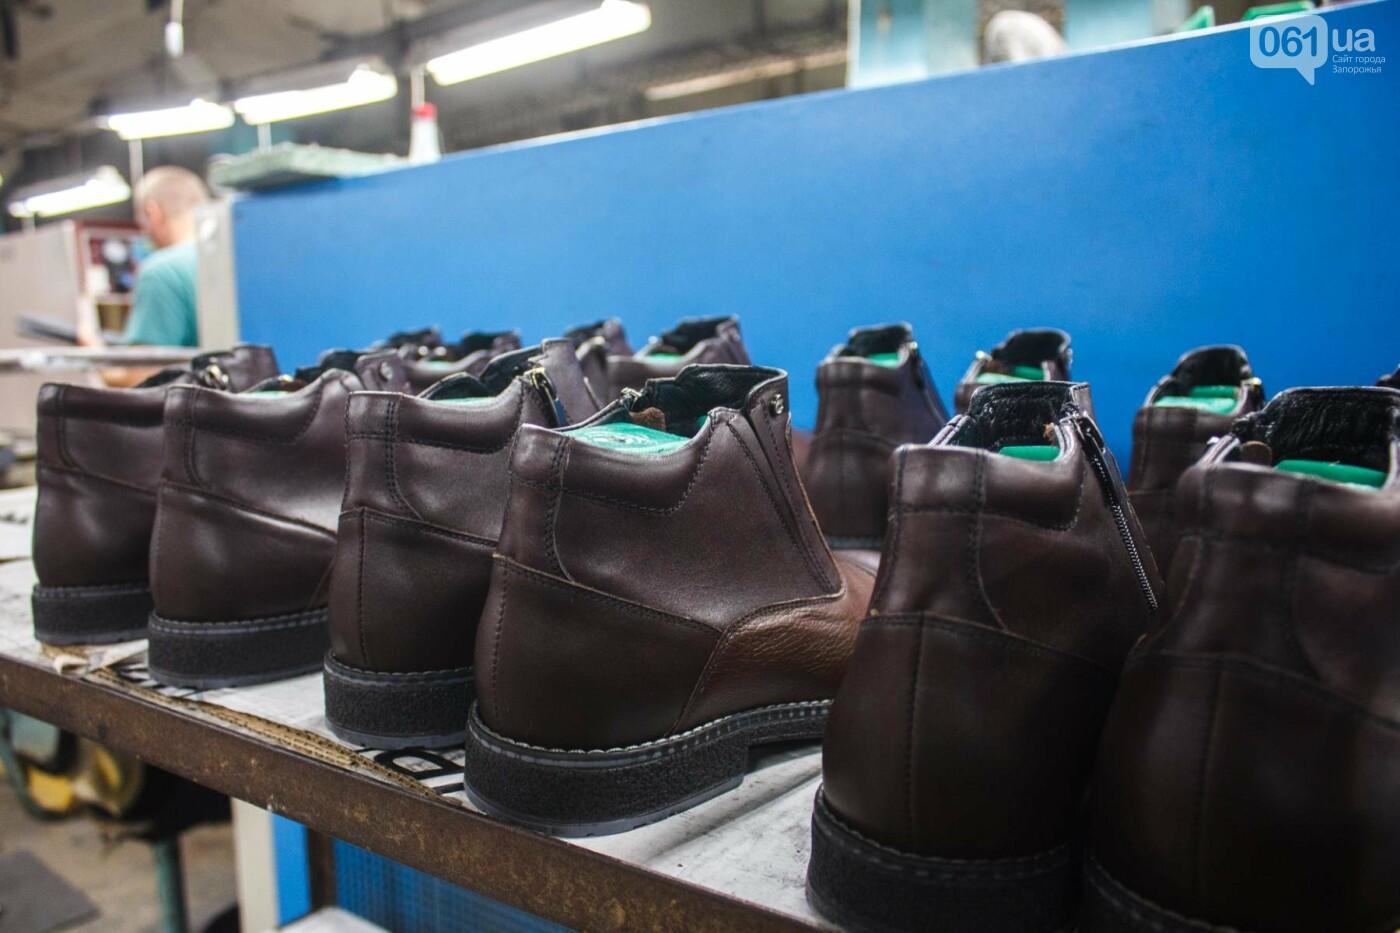 Как создается обувь: экскурсия на запорожскую обувную фабрику, – ФОТОРЕПОРТАЖ, фото-63